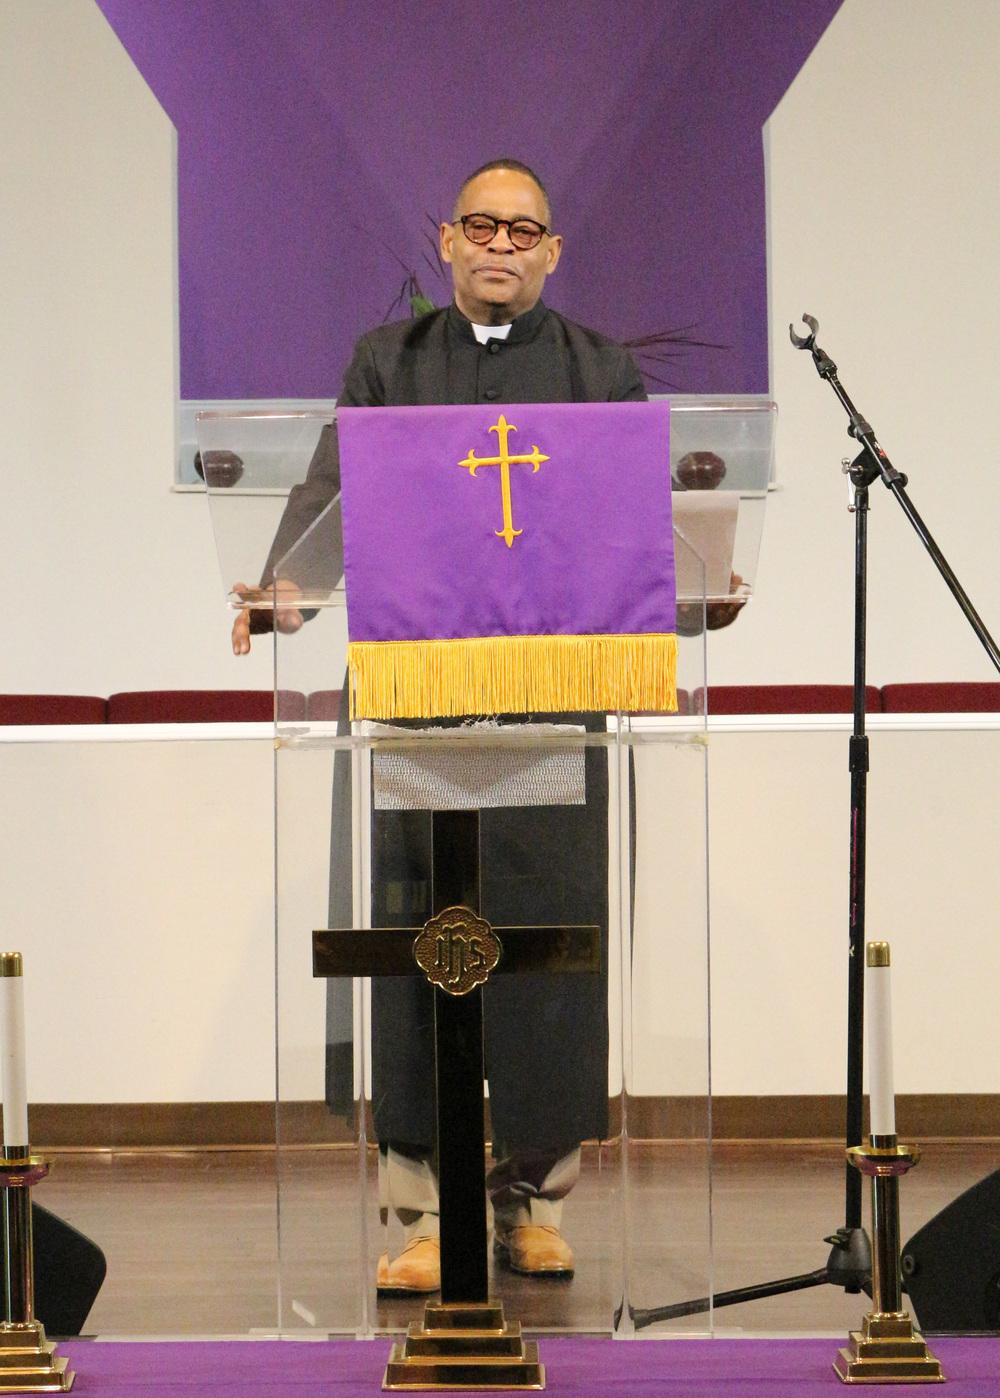 Elder Eric Wilson